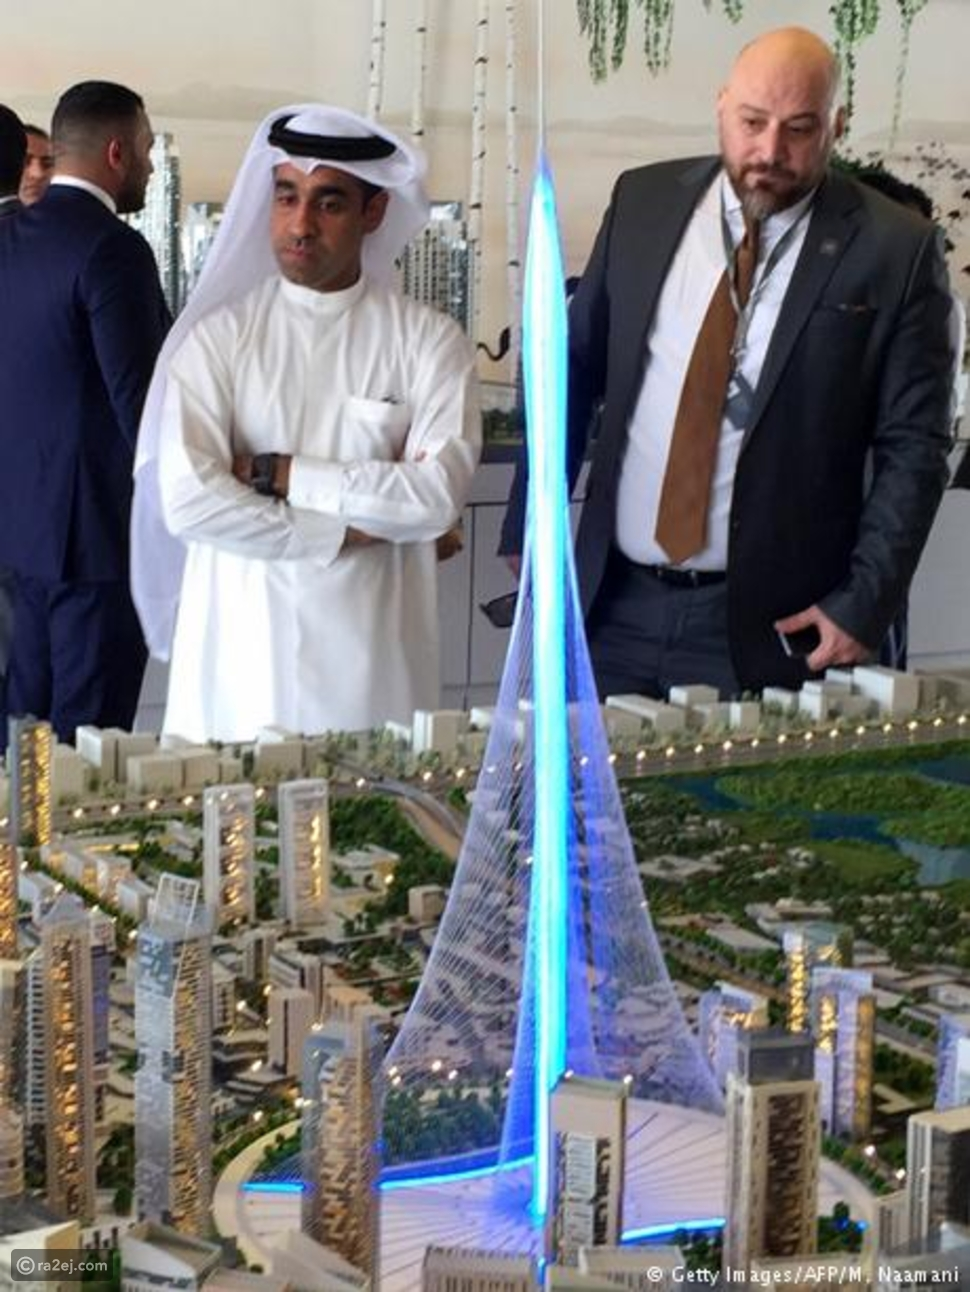 دبي تعتزم بناء برج بحدائق معلقة يفوق ارتفاع برج خليفة